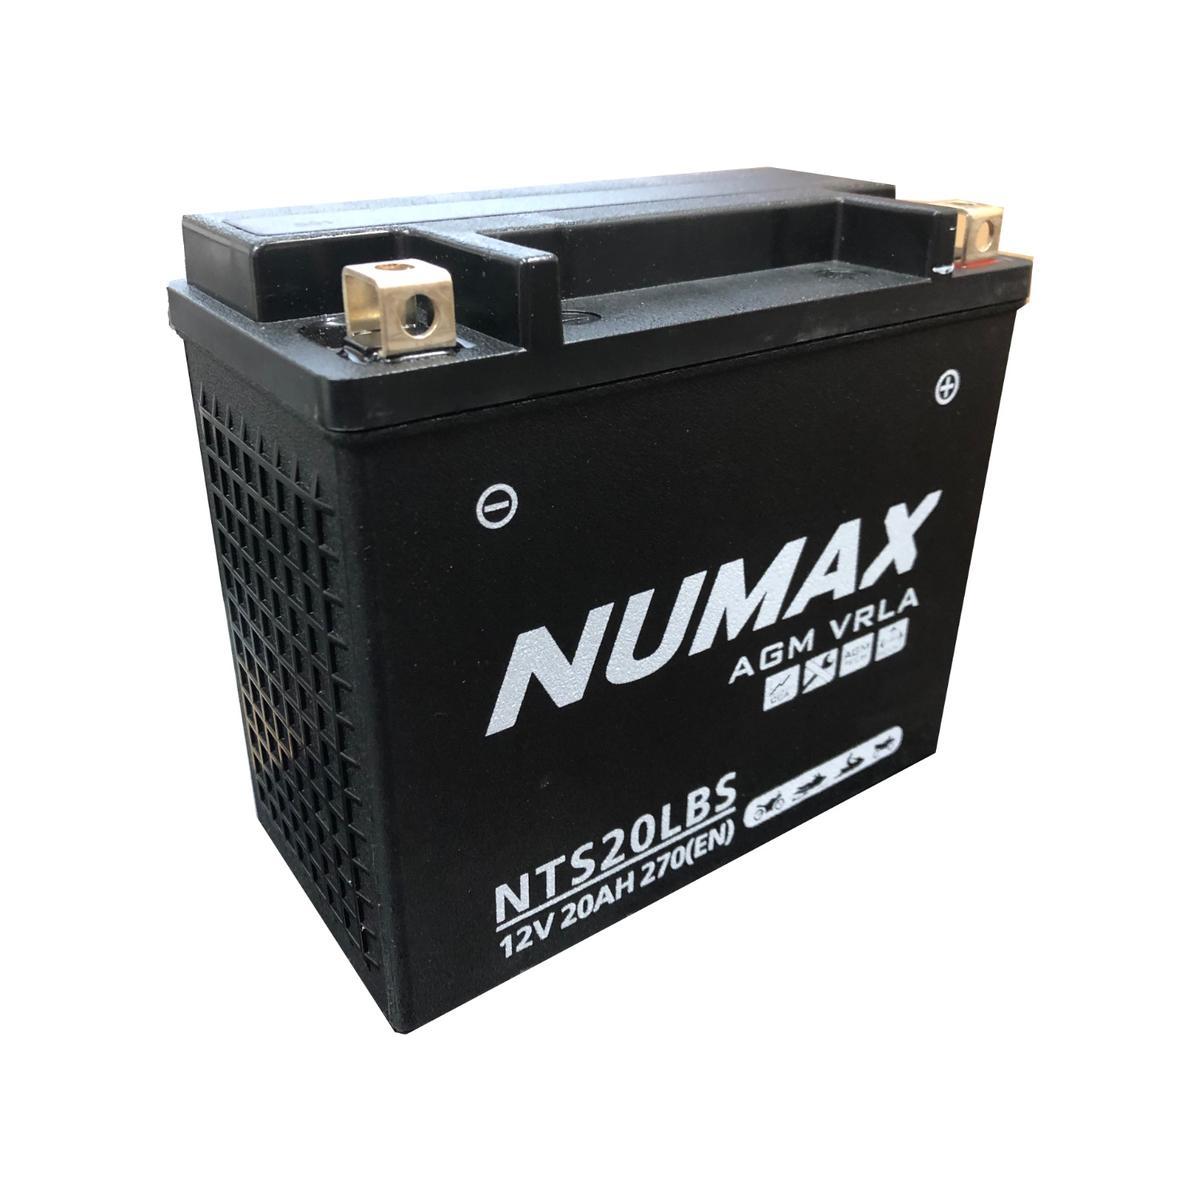 Numax NTS20LBS Motorbike Motorcycle Battery HONDA 1800cc R Retro YTX20L-4